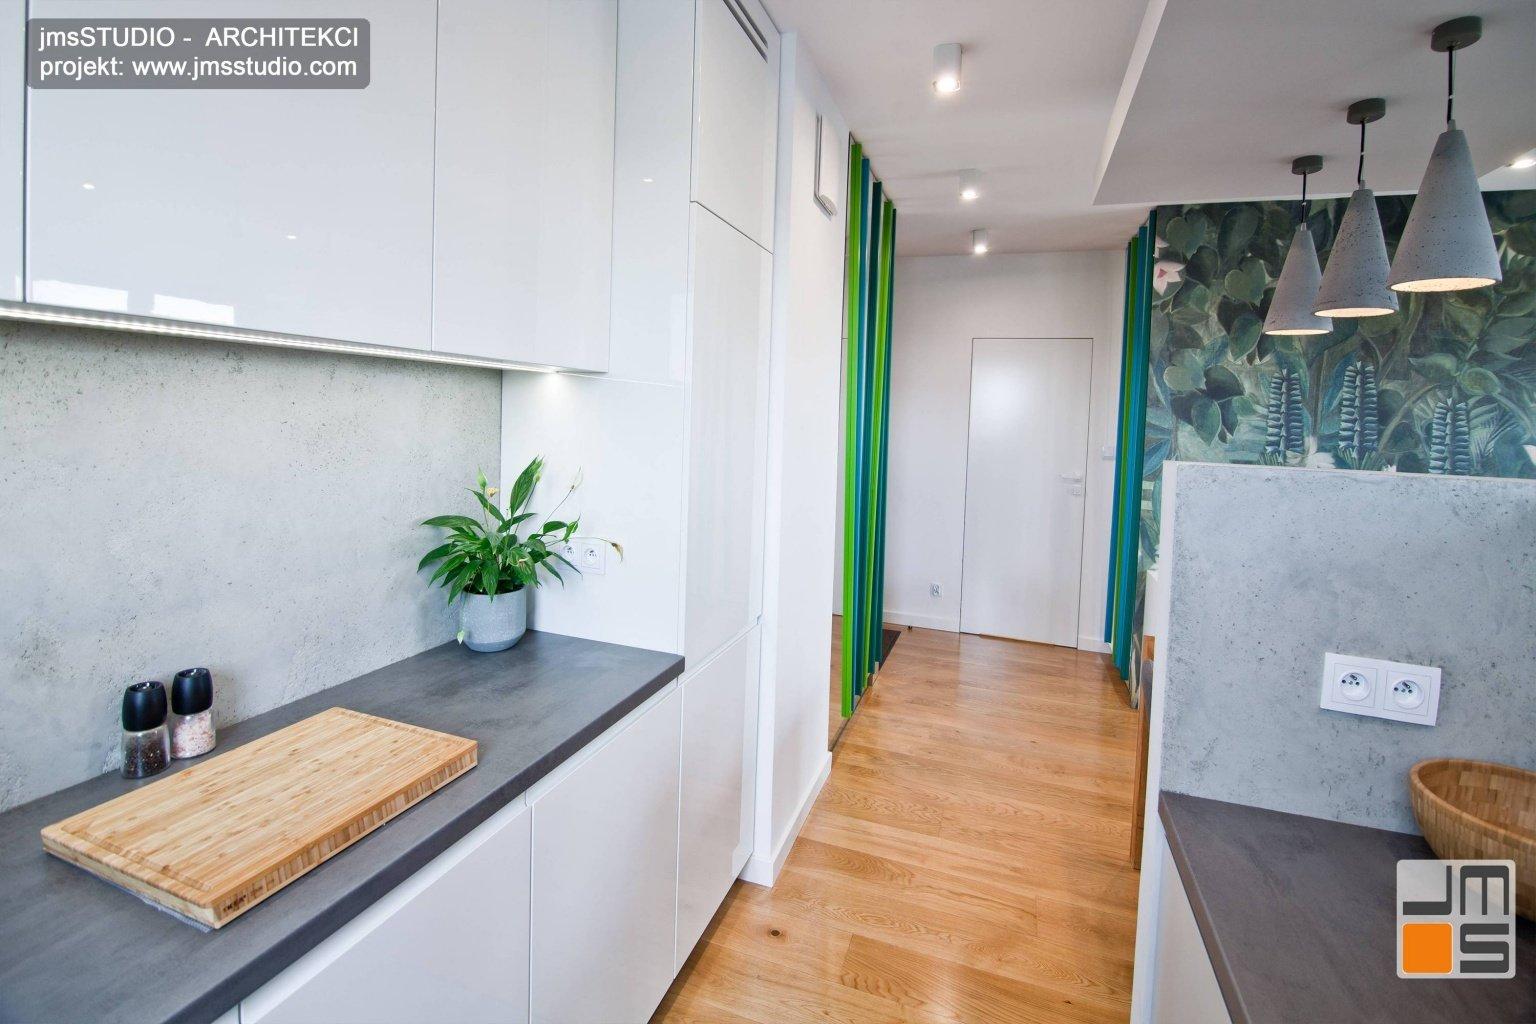 projekt wnętrz  otwartej kuchni w bloku  zdjęcia z  realizacji pomysłu na oddzielenie kuchni